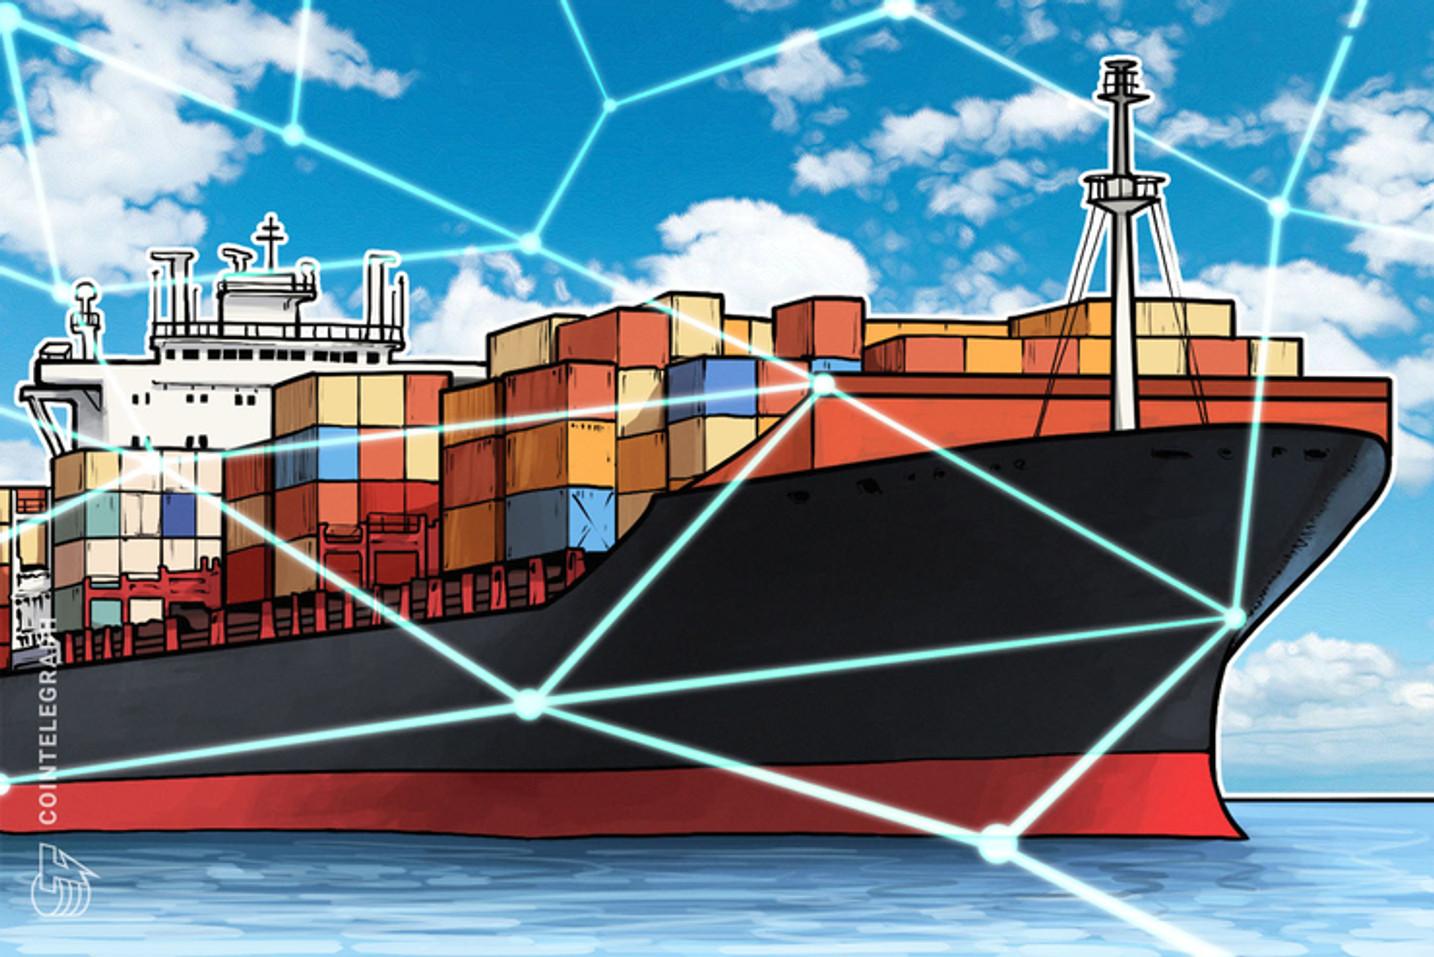 Industria logística española se reunirá para analizar novedades tecnológicas, incluyendo blockchain